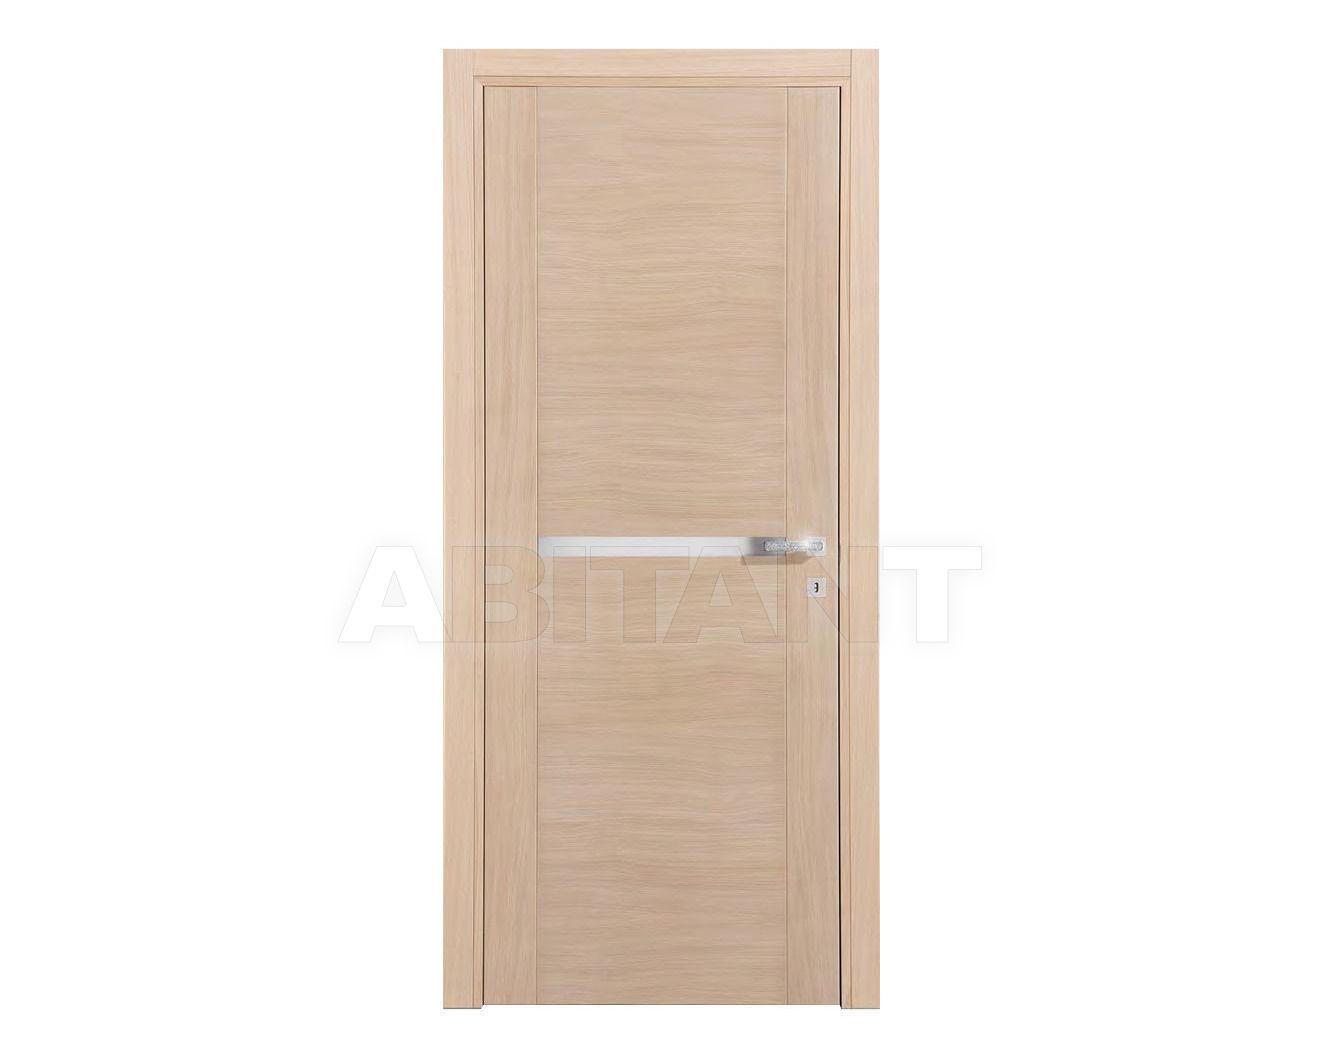 Купить Дверь деревянная Fioravazzi Modulo S45 TRATTO A  1